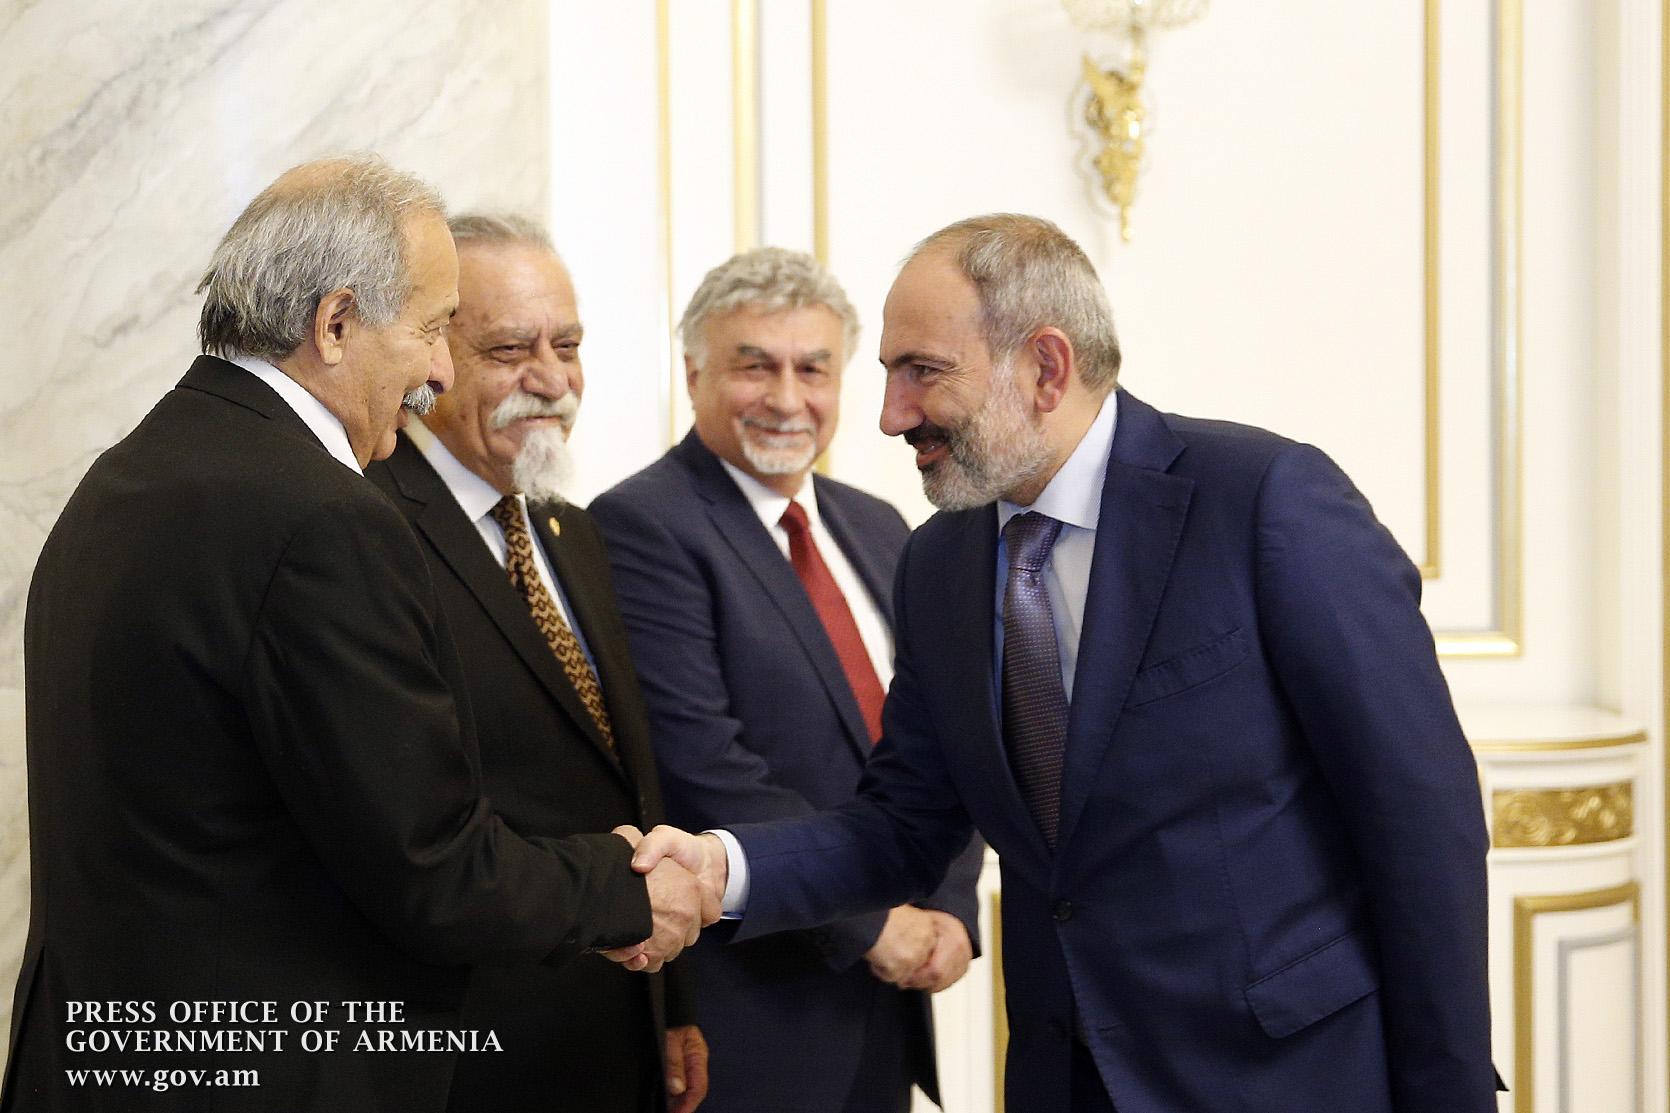 Վարչապետն ընդունել է Ռամկավար ազատական կուսակցության Կենտրոնական վարչության ներկայացուցիչներին